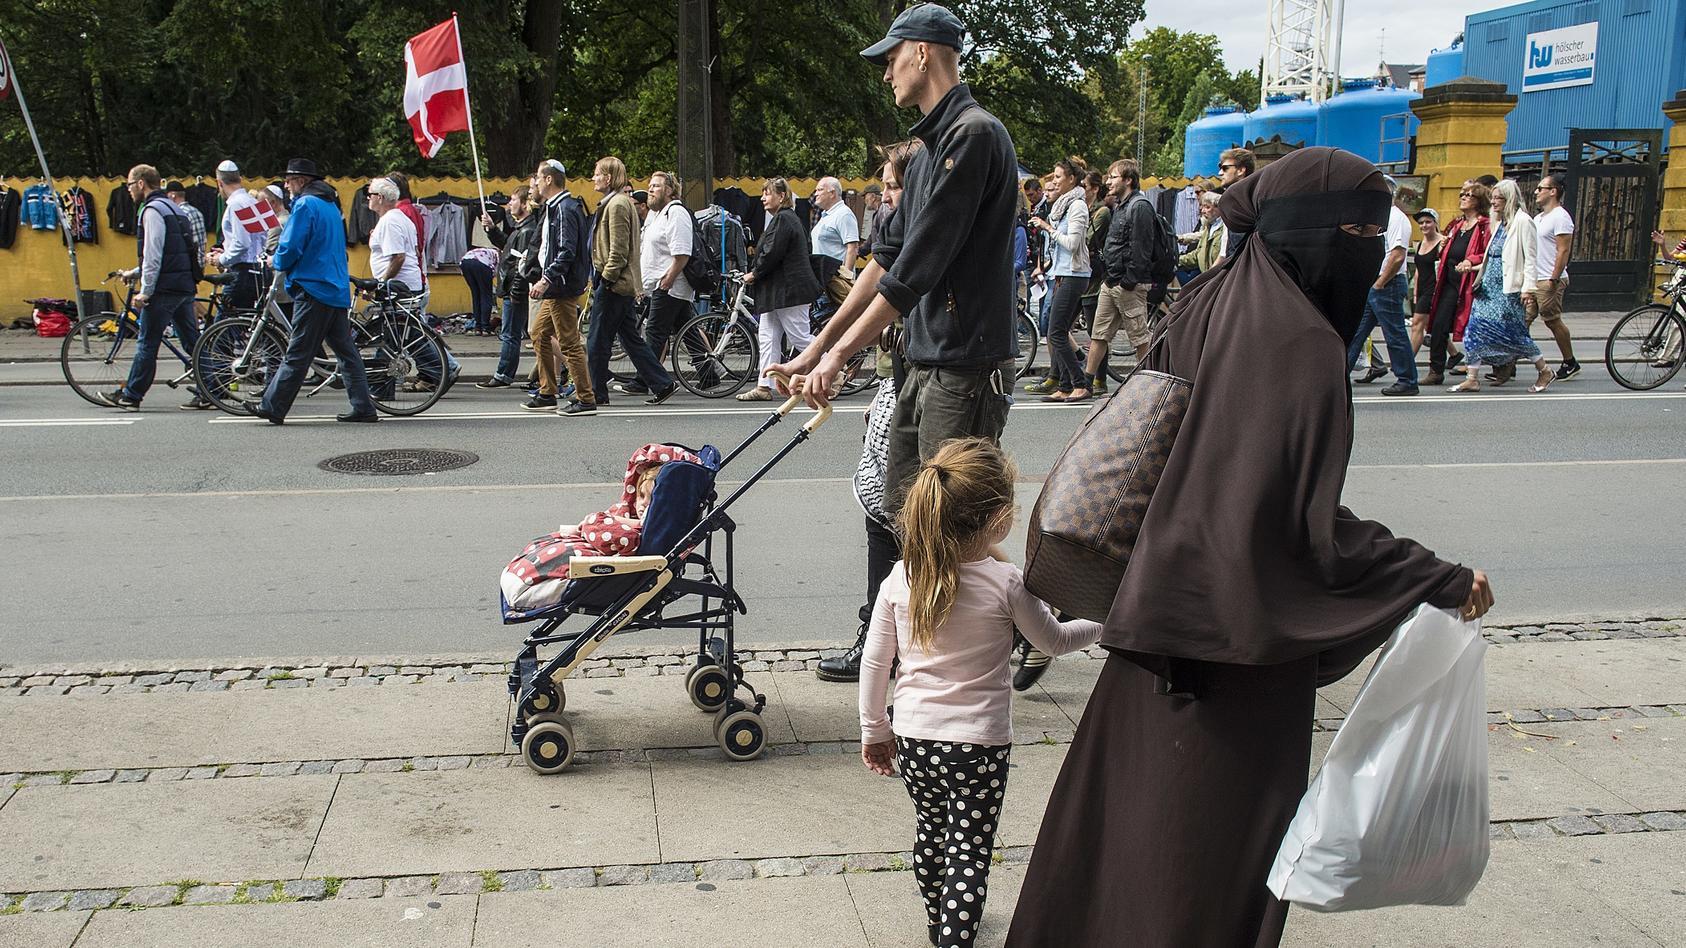 Parallelgesellschaften in Dänemark: Eine Frau in Niqab geht an einer Demonstration vorbei.